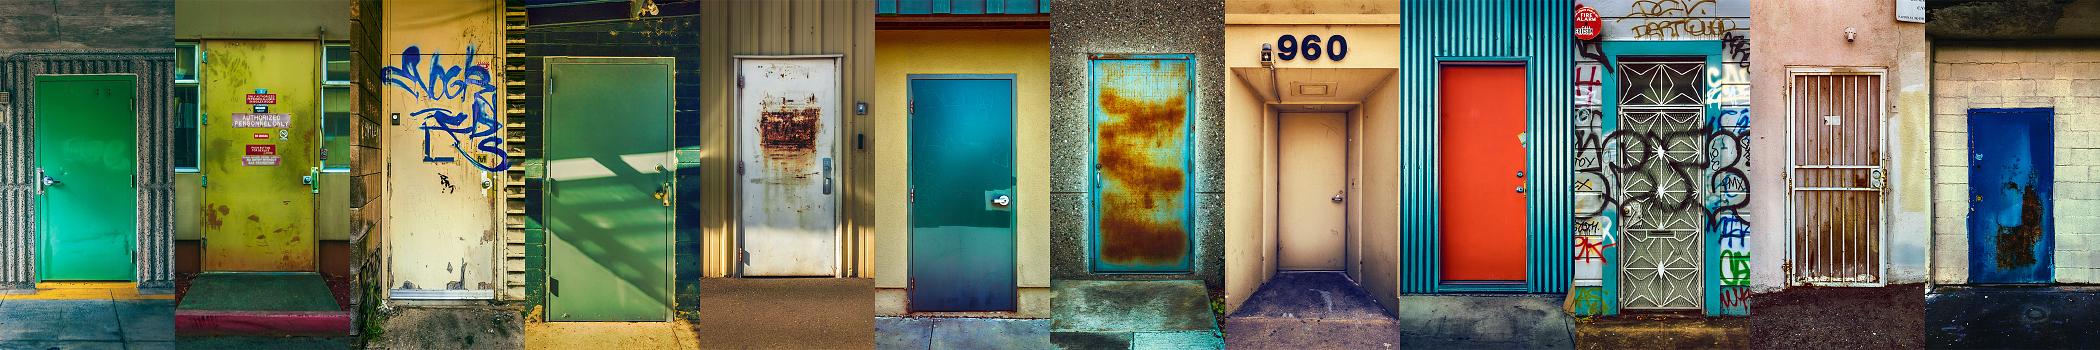 |Doors|: II - |Doors|: II